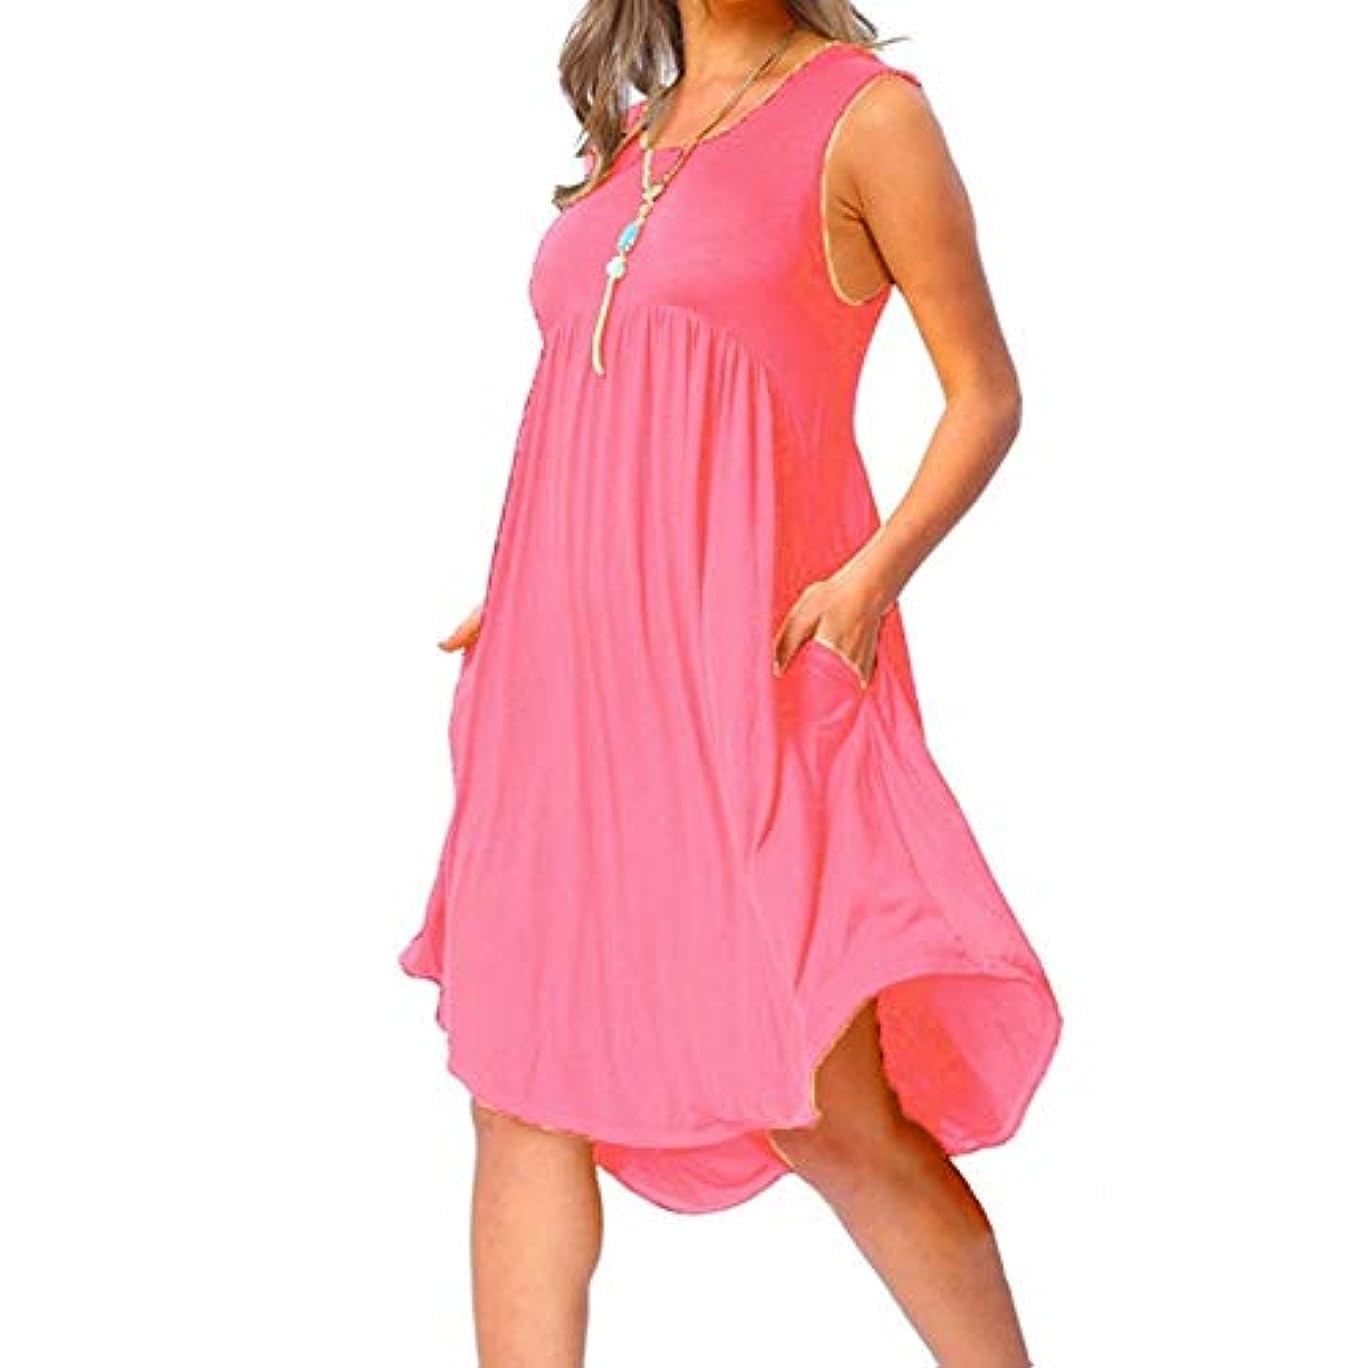 改修する補正誤MIFAN の女性のドレスカジュアルな不規則なドレスルースサマービーチTシャツドレス